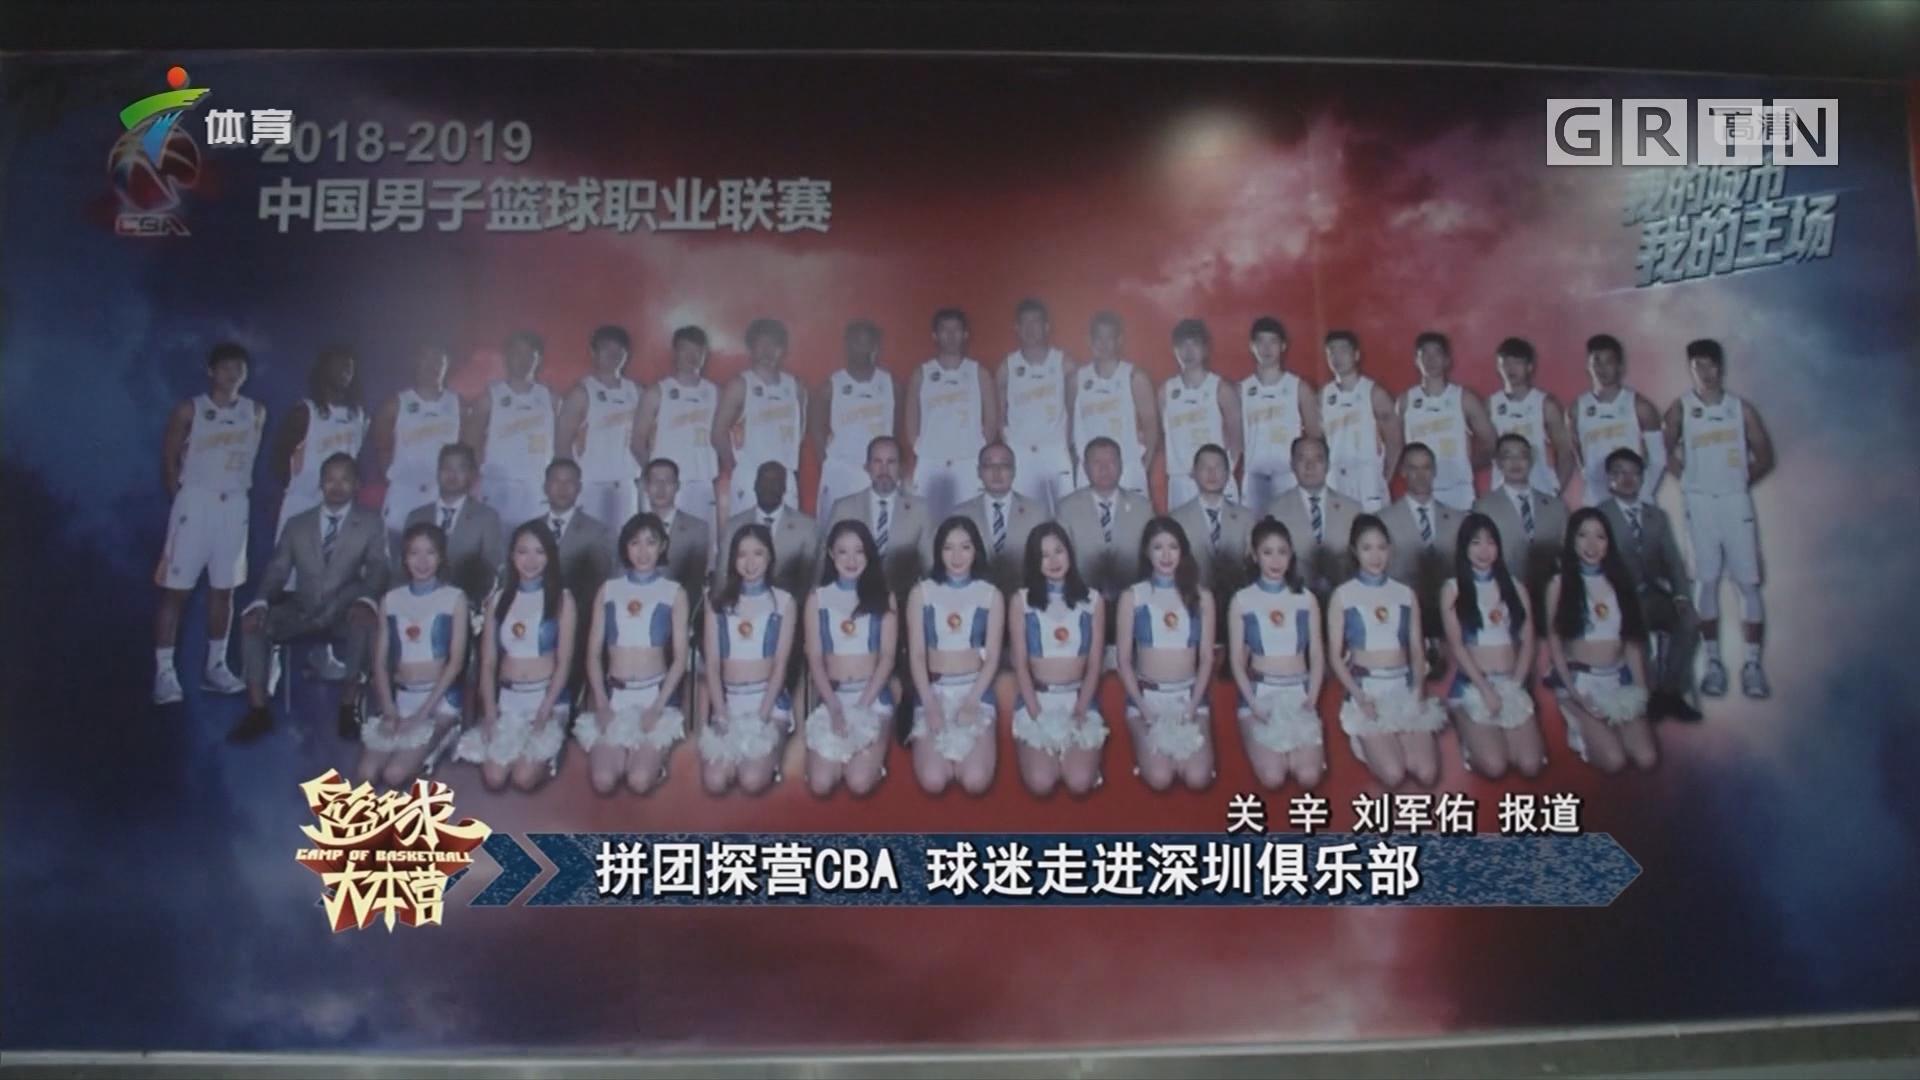 拼团探营CBA 球迷走进深圳俱乐部